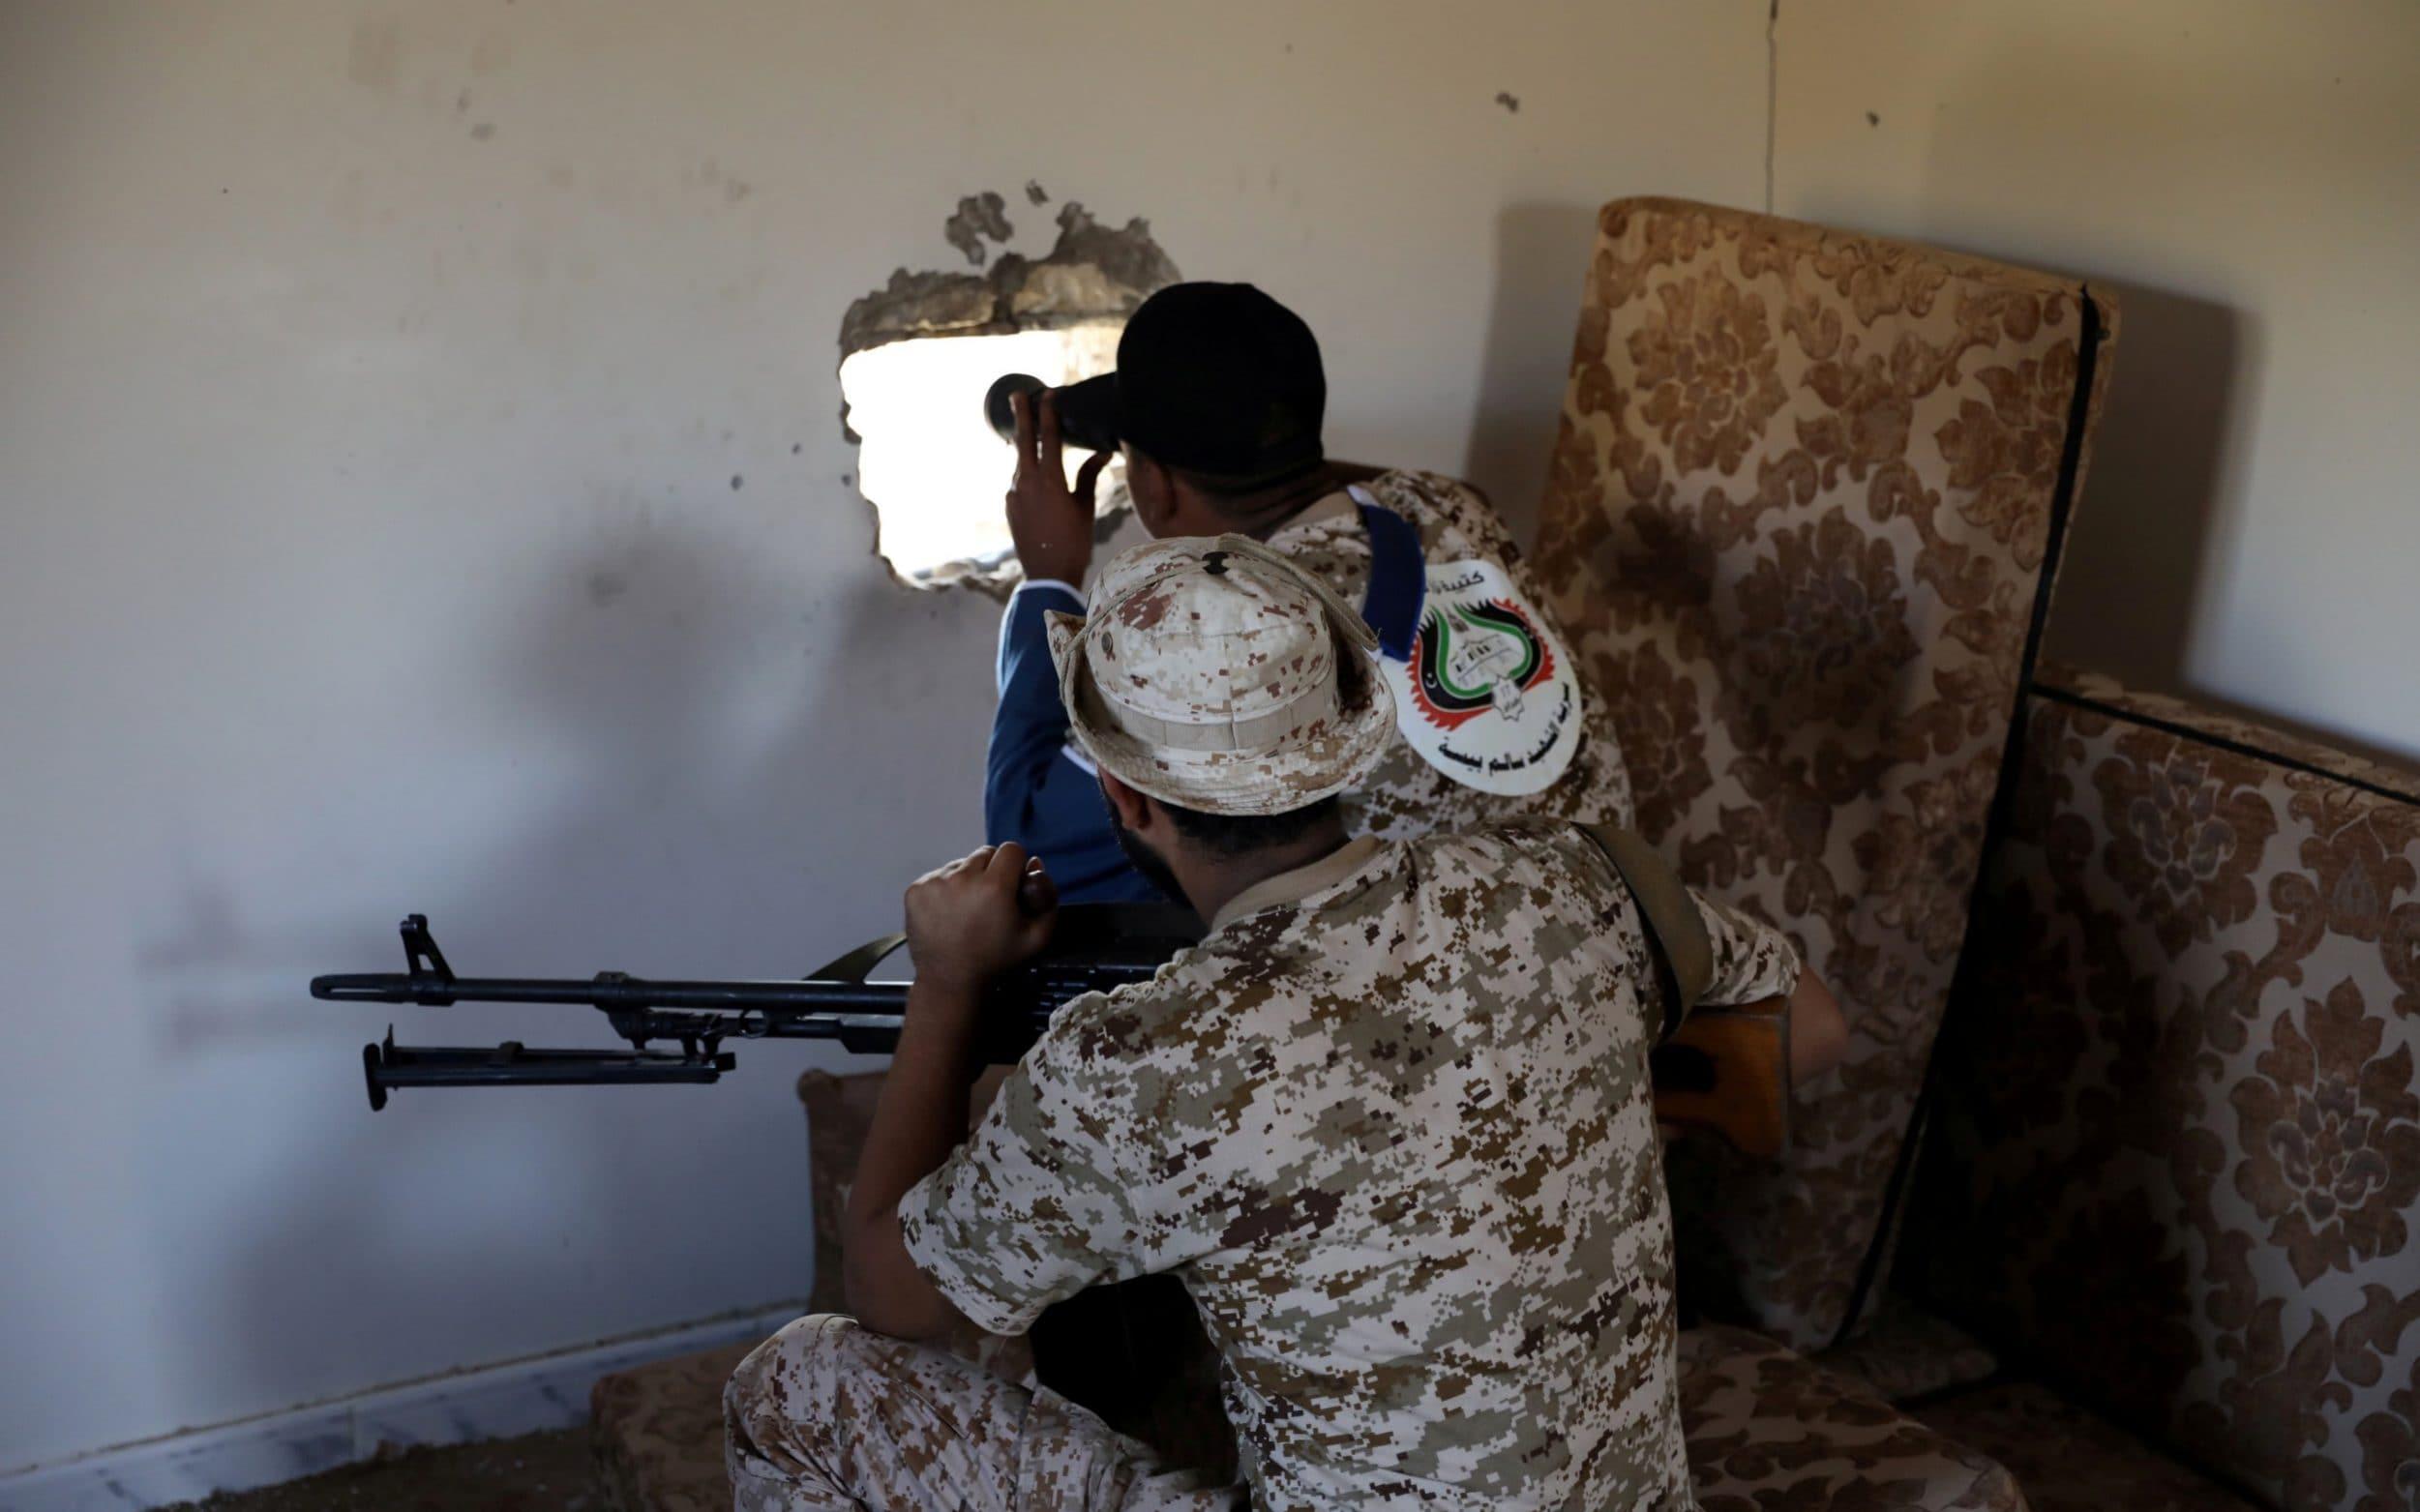 Turkeys Recep Tayyip Erdogan says he will send troops to Libya as proxy war fears mount